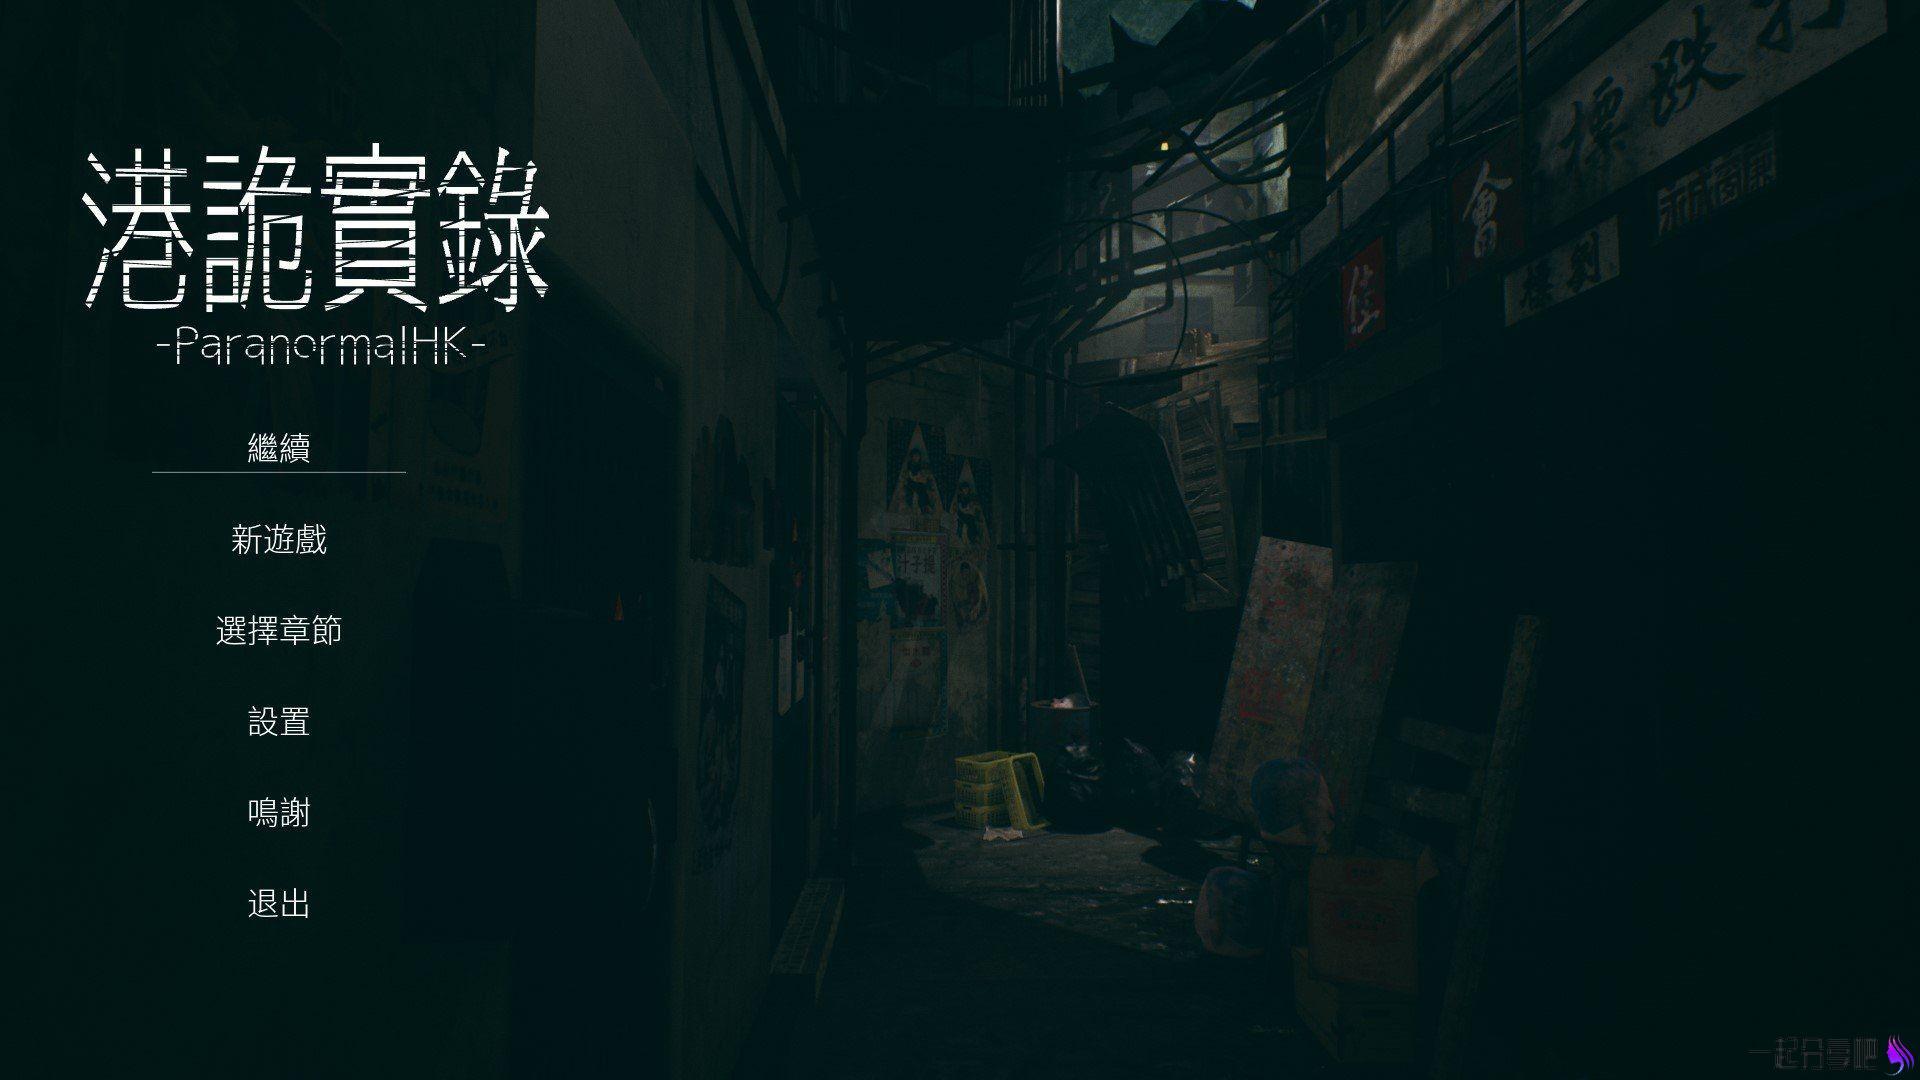 近期最火单机 steam恐怖游戏《港诡实录》免安装繁体中文版 第1张